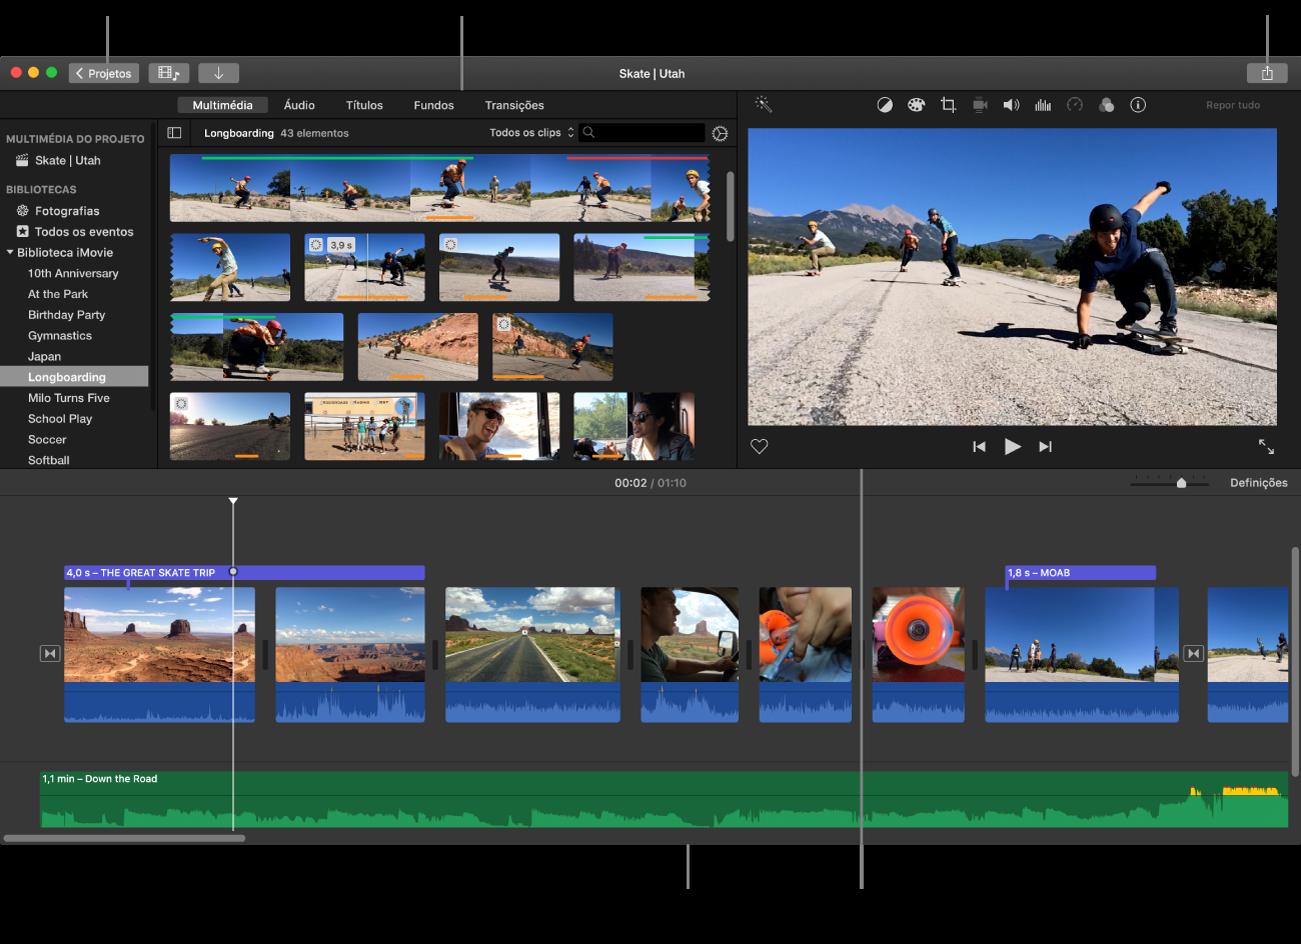 Janela principal do iMovie onde se vê o navegador na parte superior esquerda, o visualizador na parte superior direita e o cronograma na parte inferior